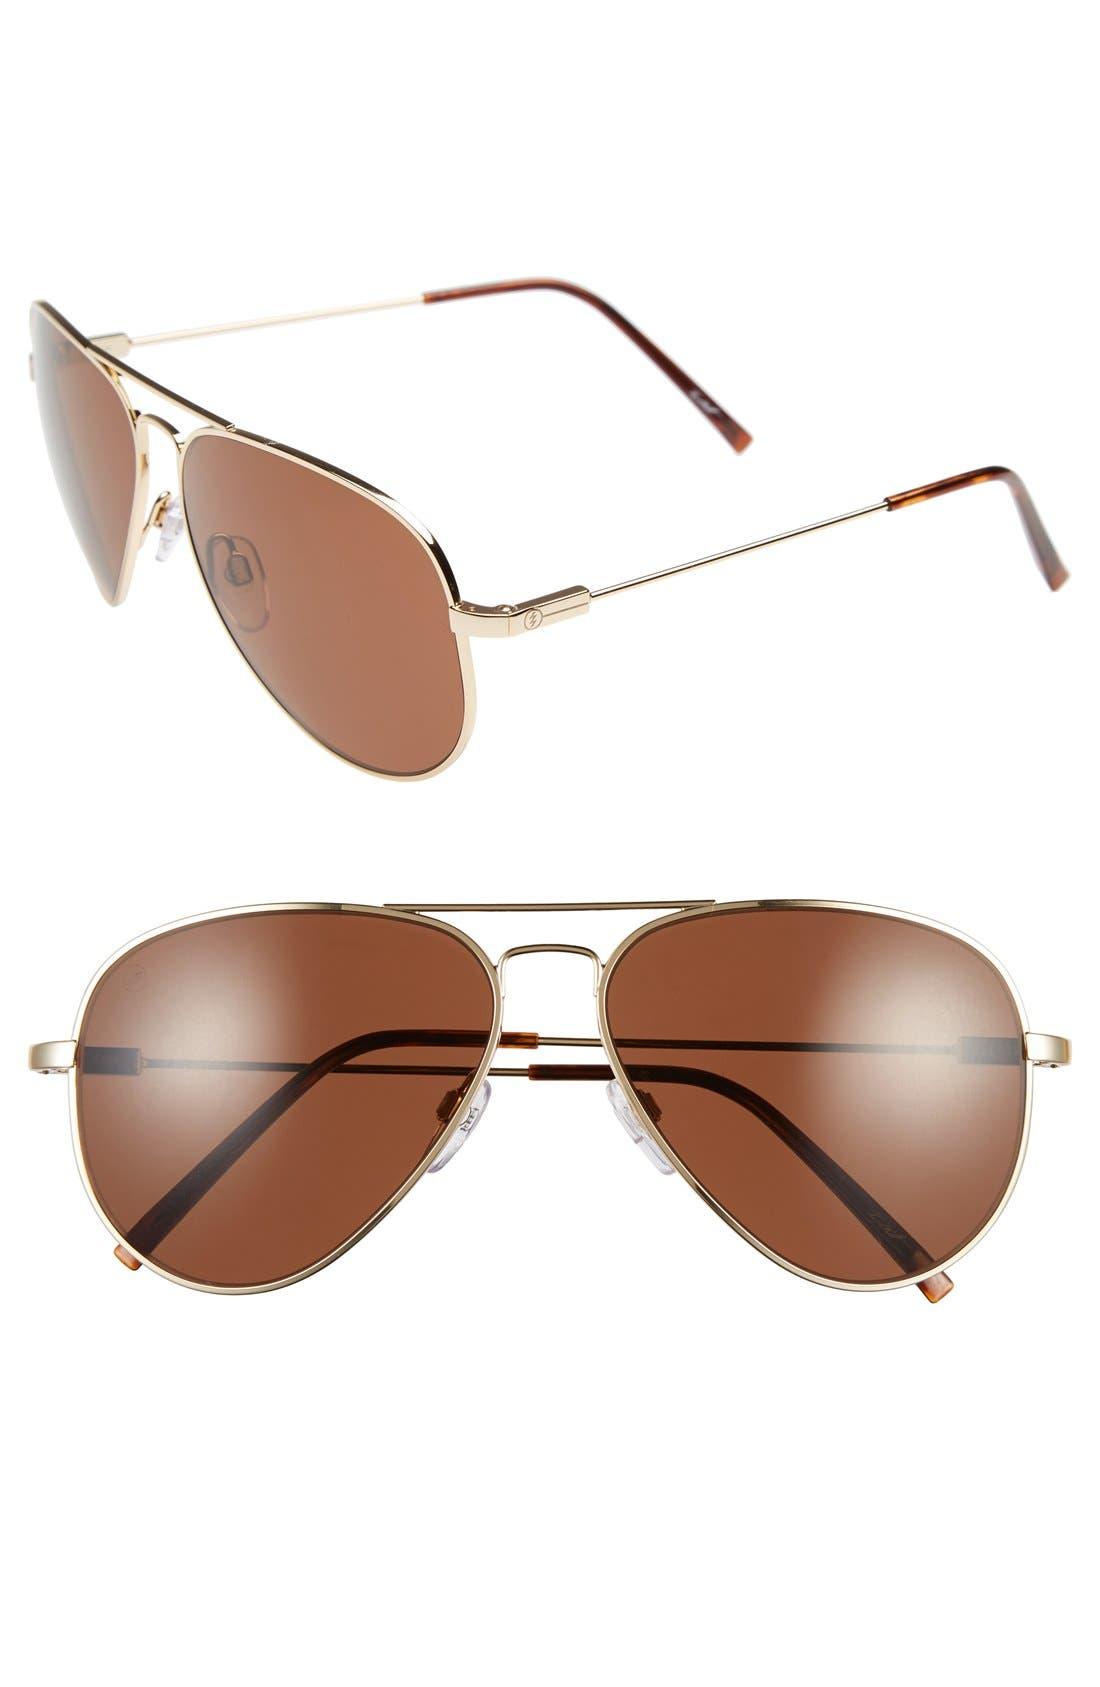 ELECTRIC AV1 58mm Aviator Sunglasses